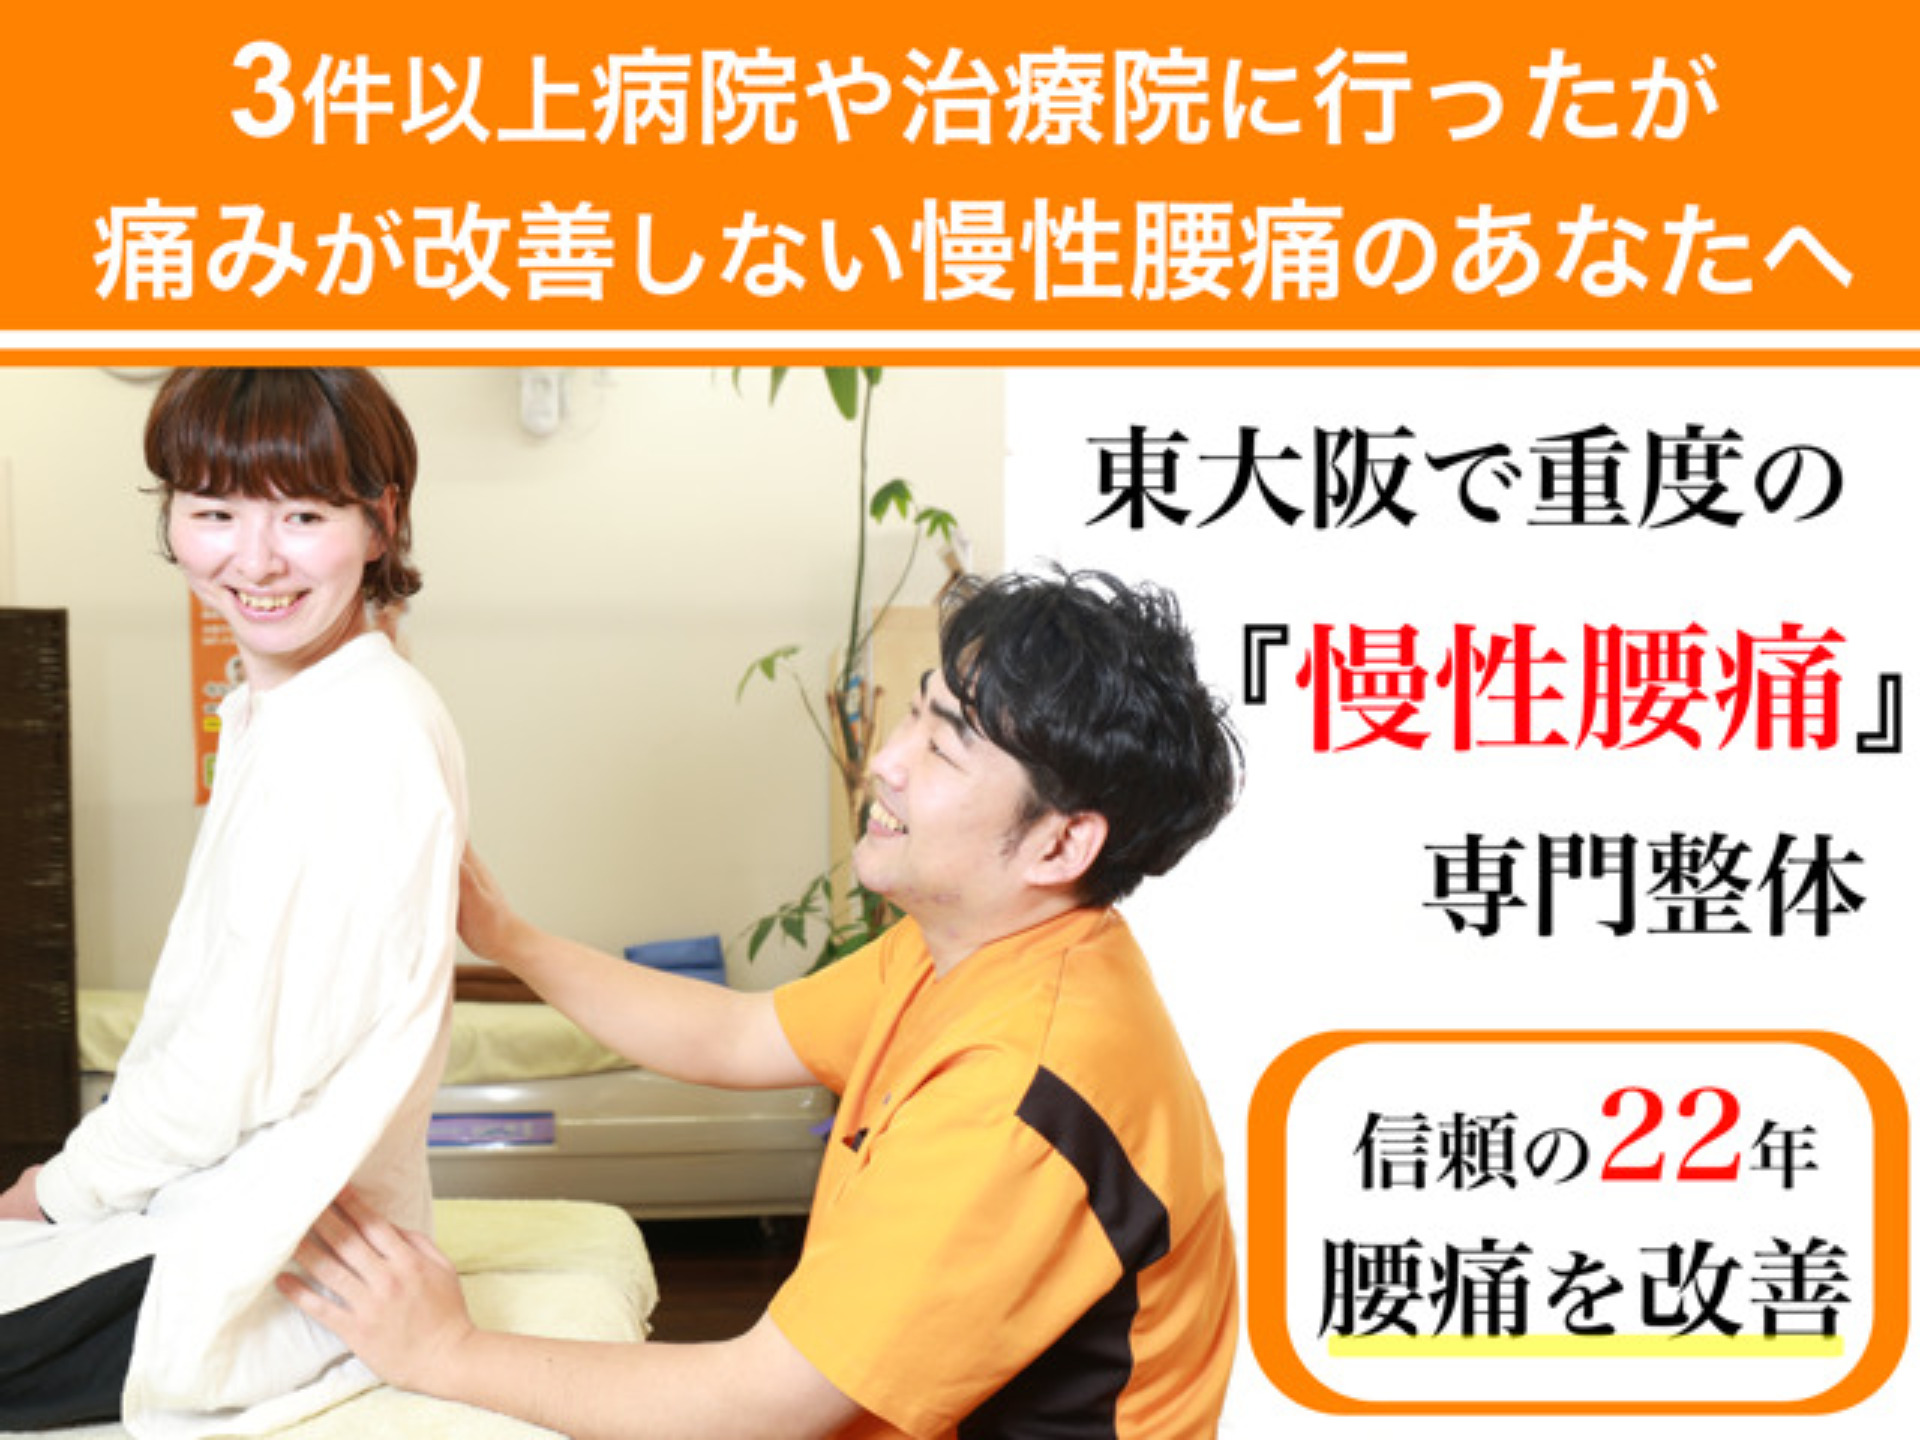 東大阪市小阪の重症痛・慢性痛専門整体「ながやま整骨院 あおぞら」